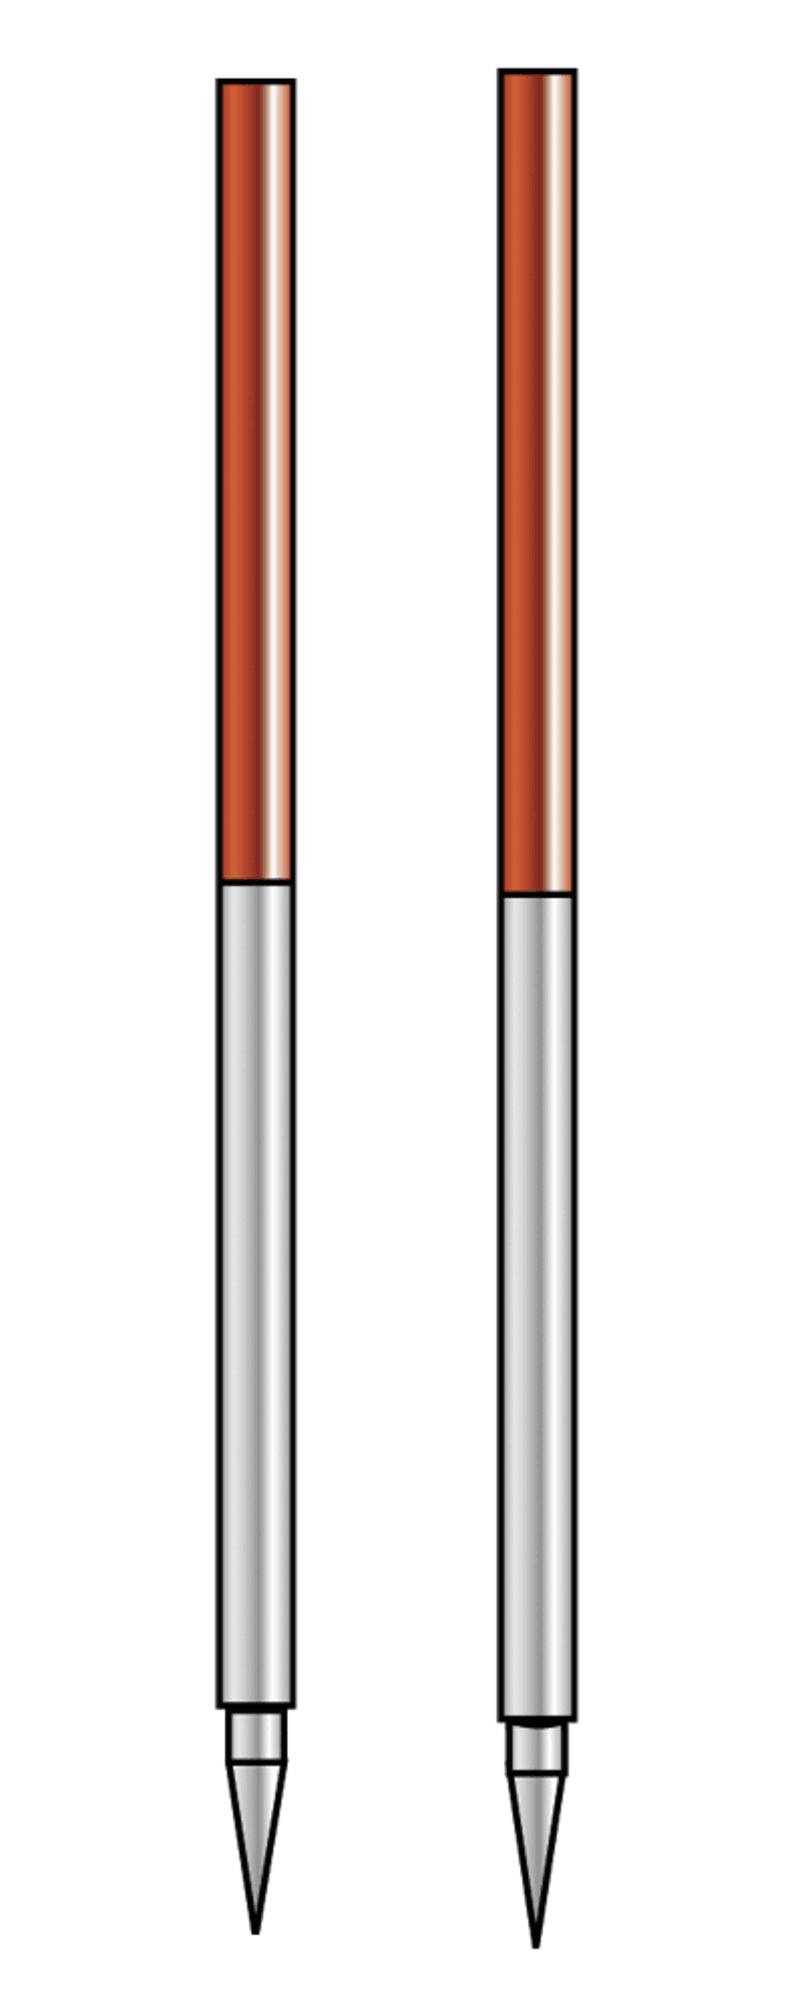 Fluchtstab zusammensteckbar, Stahl, Rohrsp.D 2,16m-St.ummant.-LF steckbar-Teil.50cm